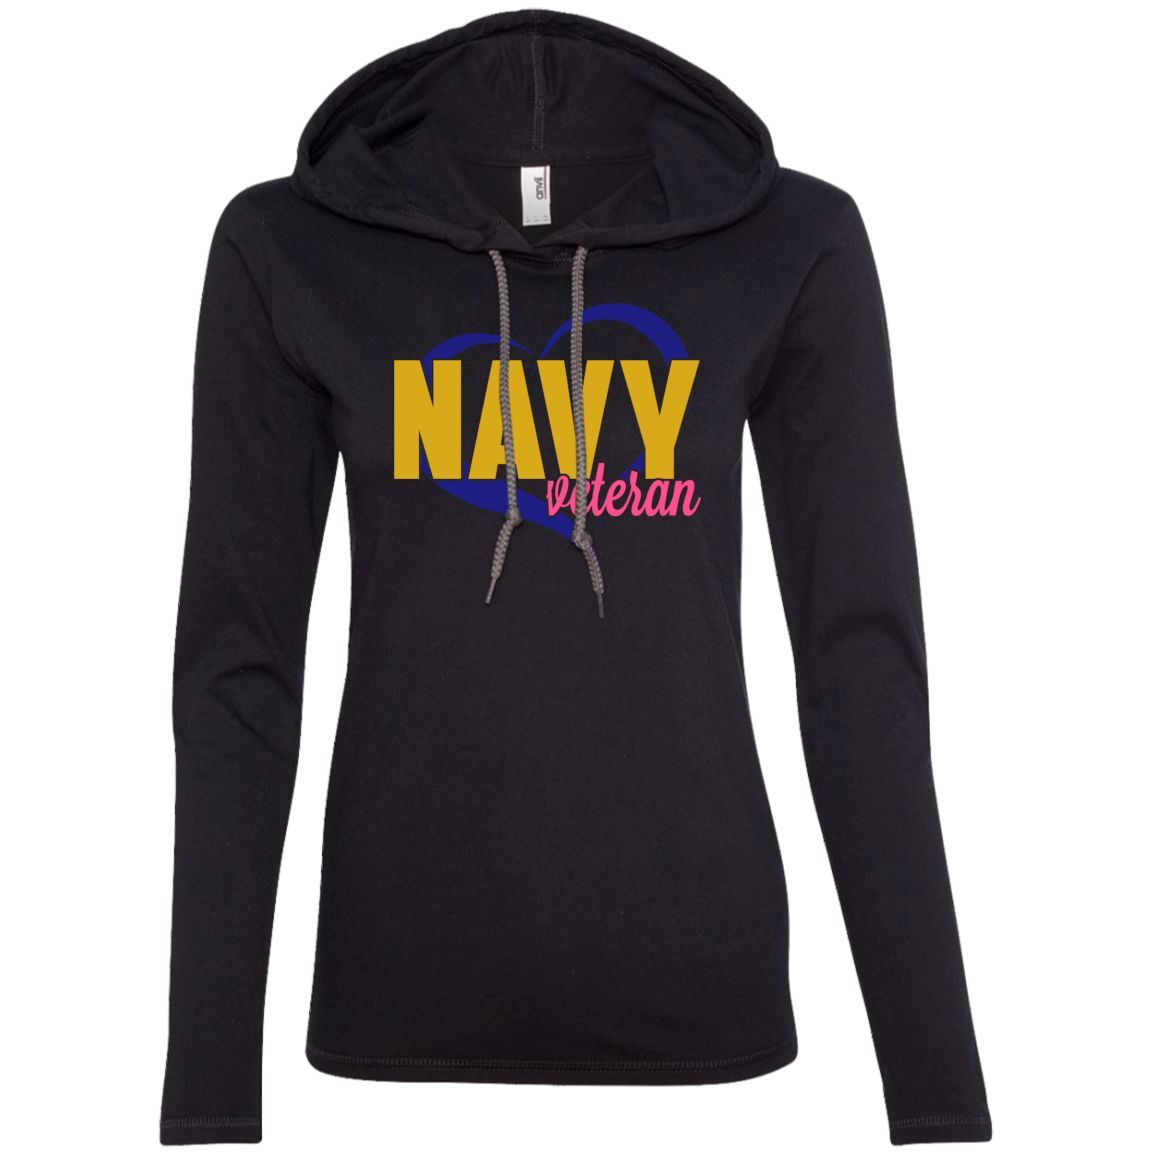 Navy Veteran Collection